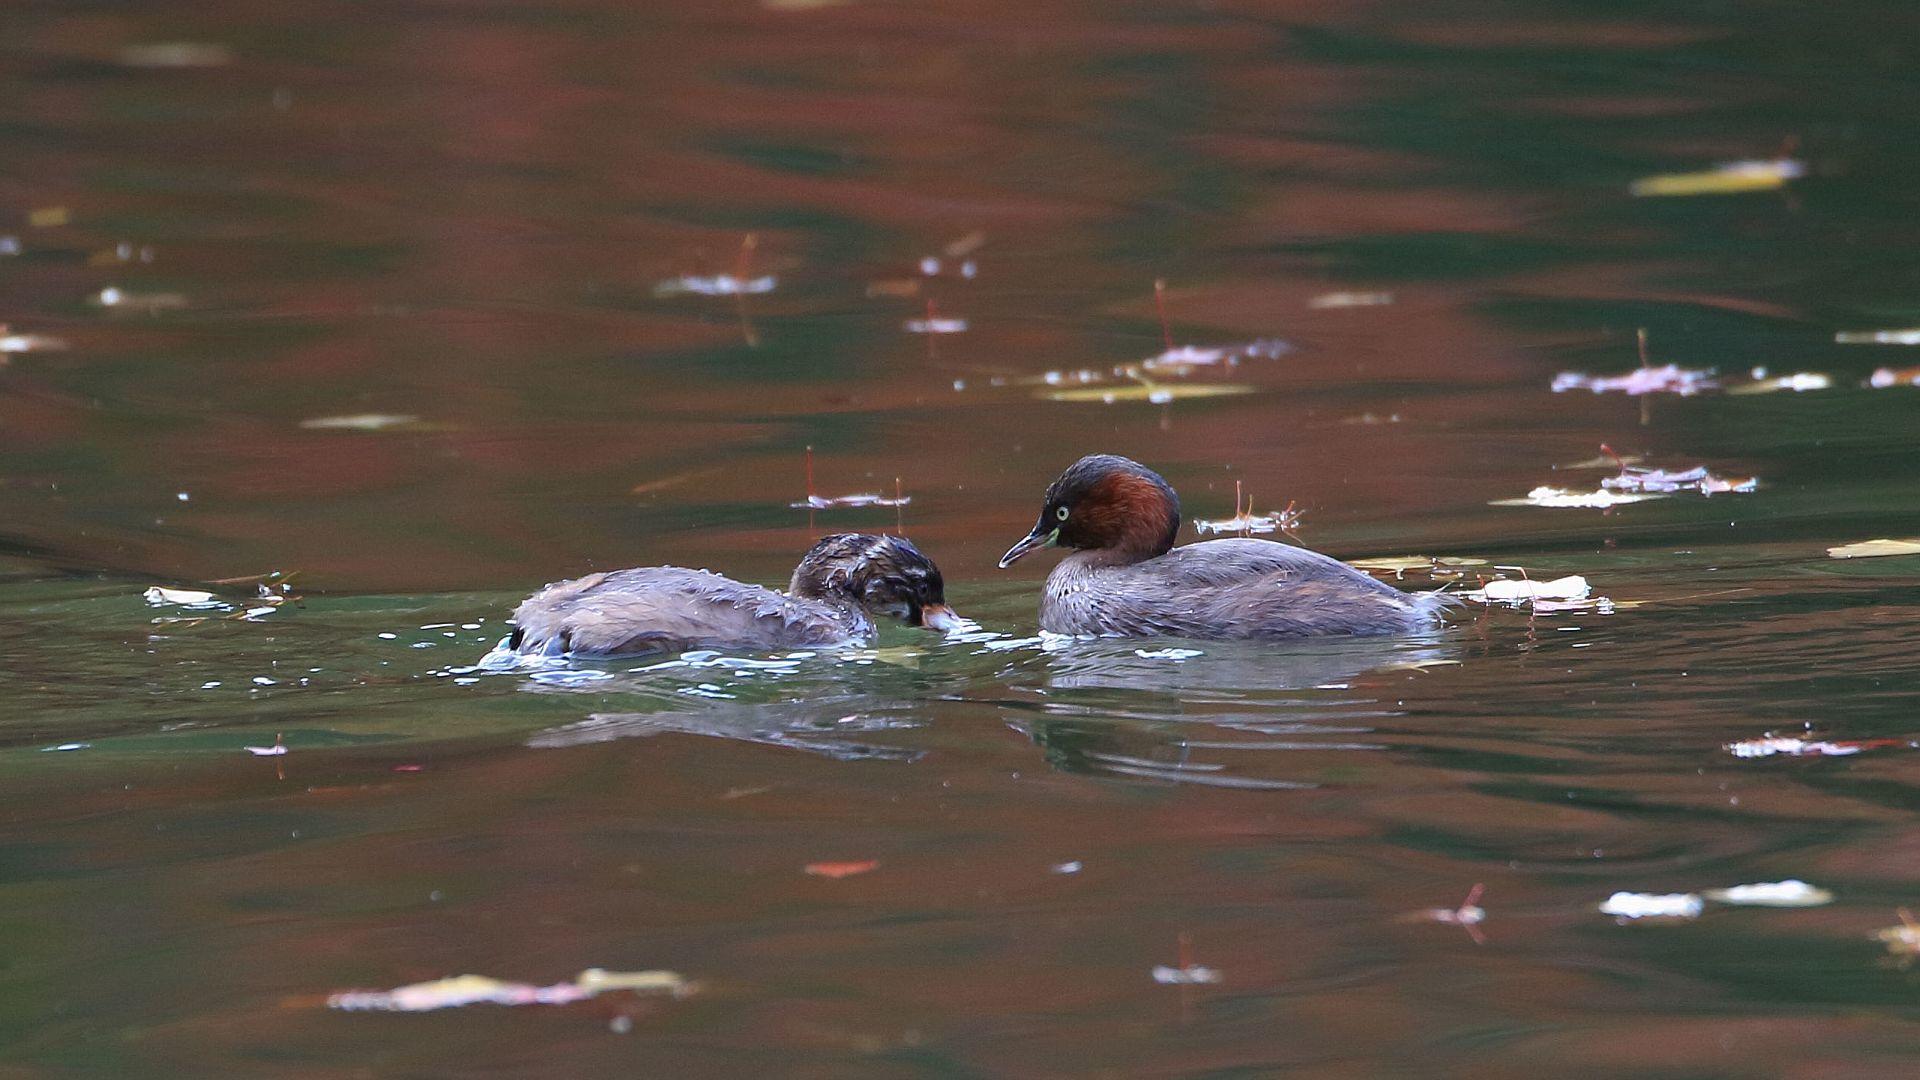 紅葉が移り込んだ池面にカイツブリ親子_f0105570_21160097.jpg